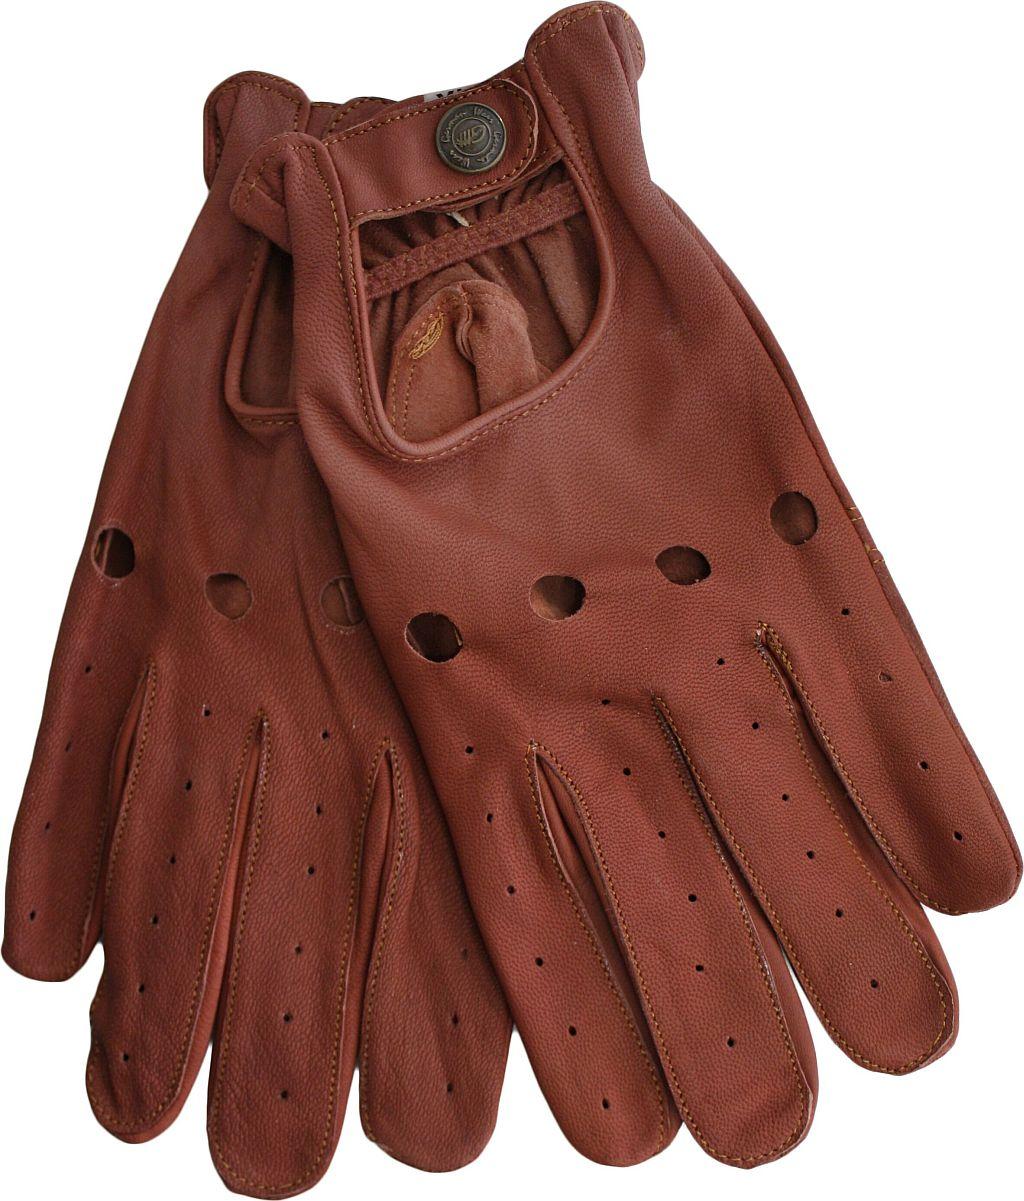 Leder Handschuhe Driving Autofahrer Lederhandschuhe M - XXL verschiedene Farben